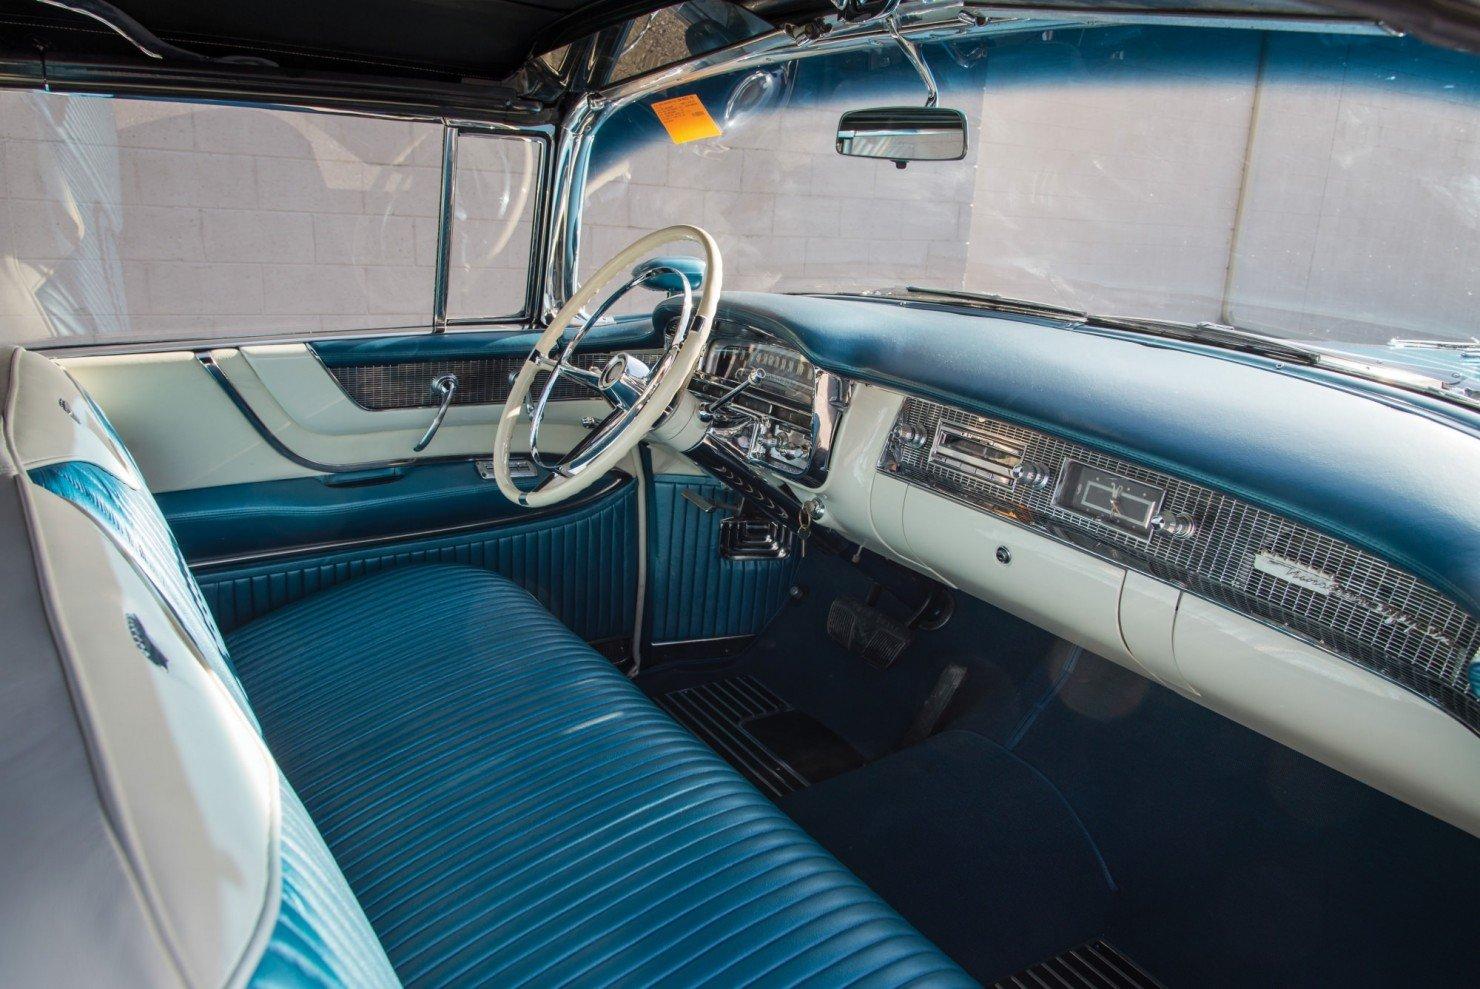 Cadillac-Eldorado-Car-8